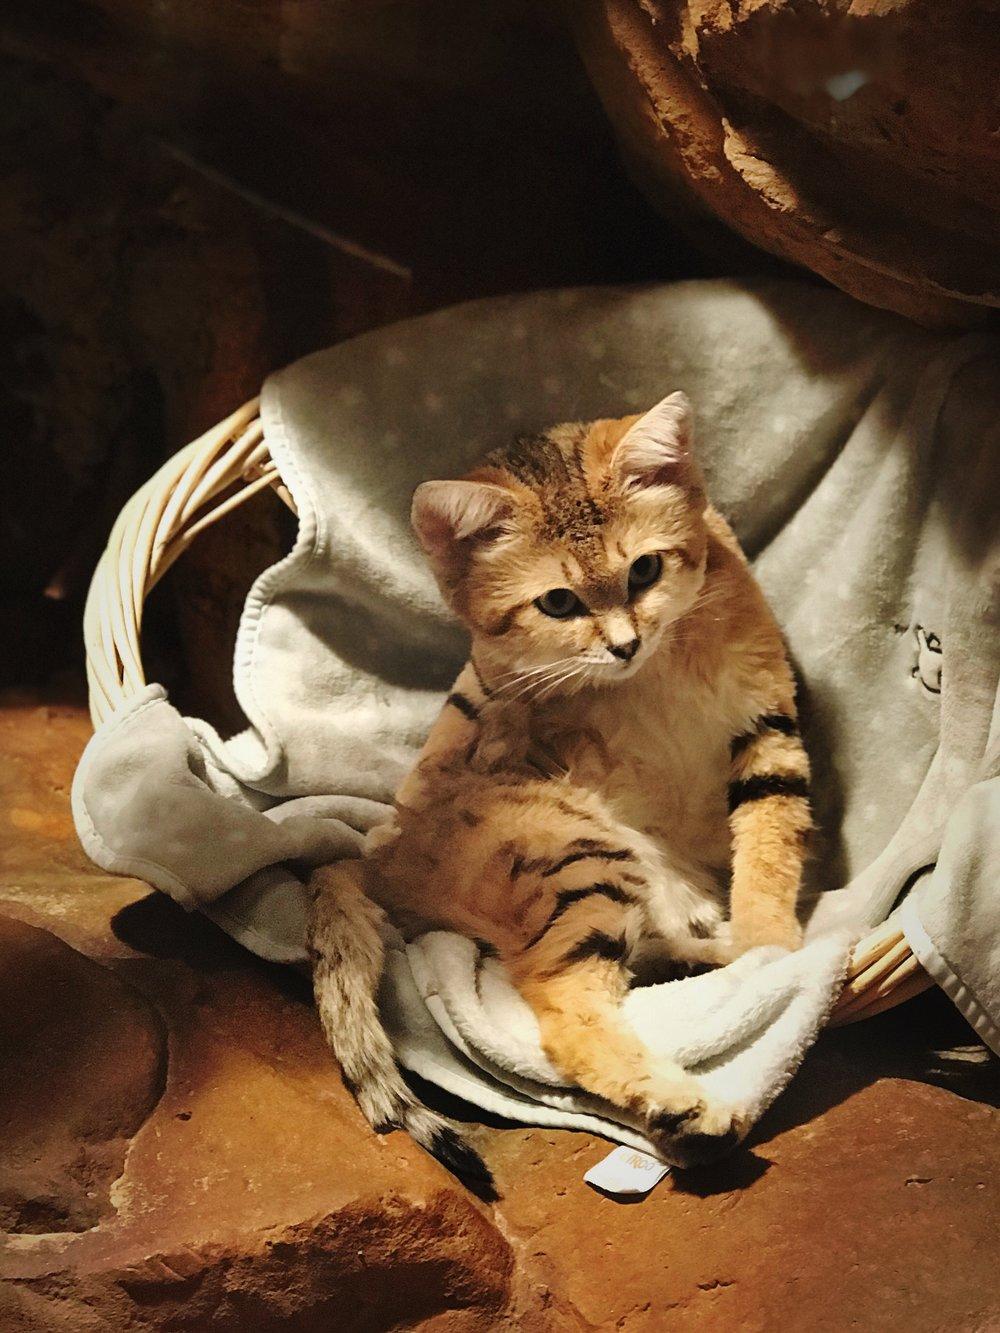 Sand Cat. Would pet.